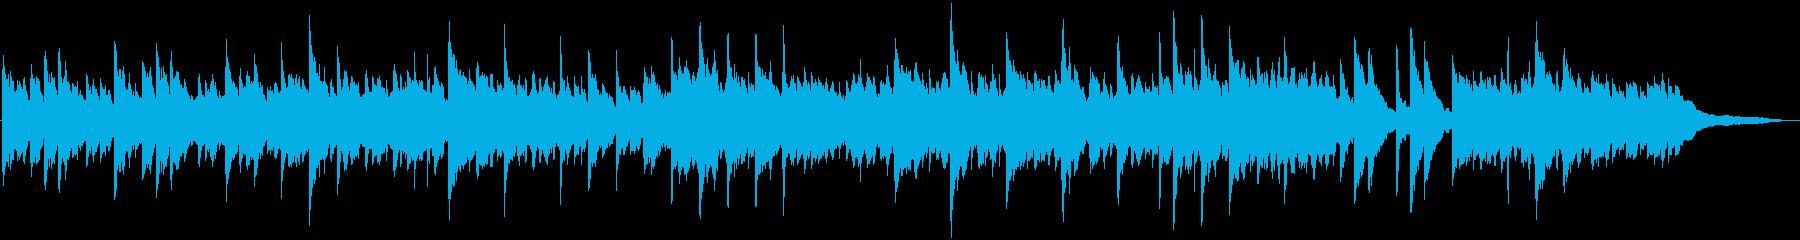 眠たくなるようなテンポのピアノ曲の再生済みの波形